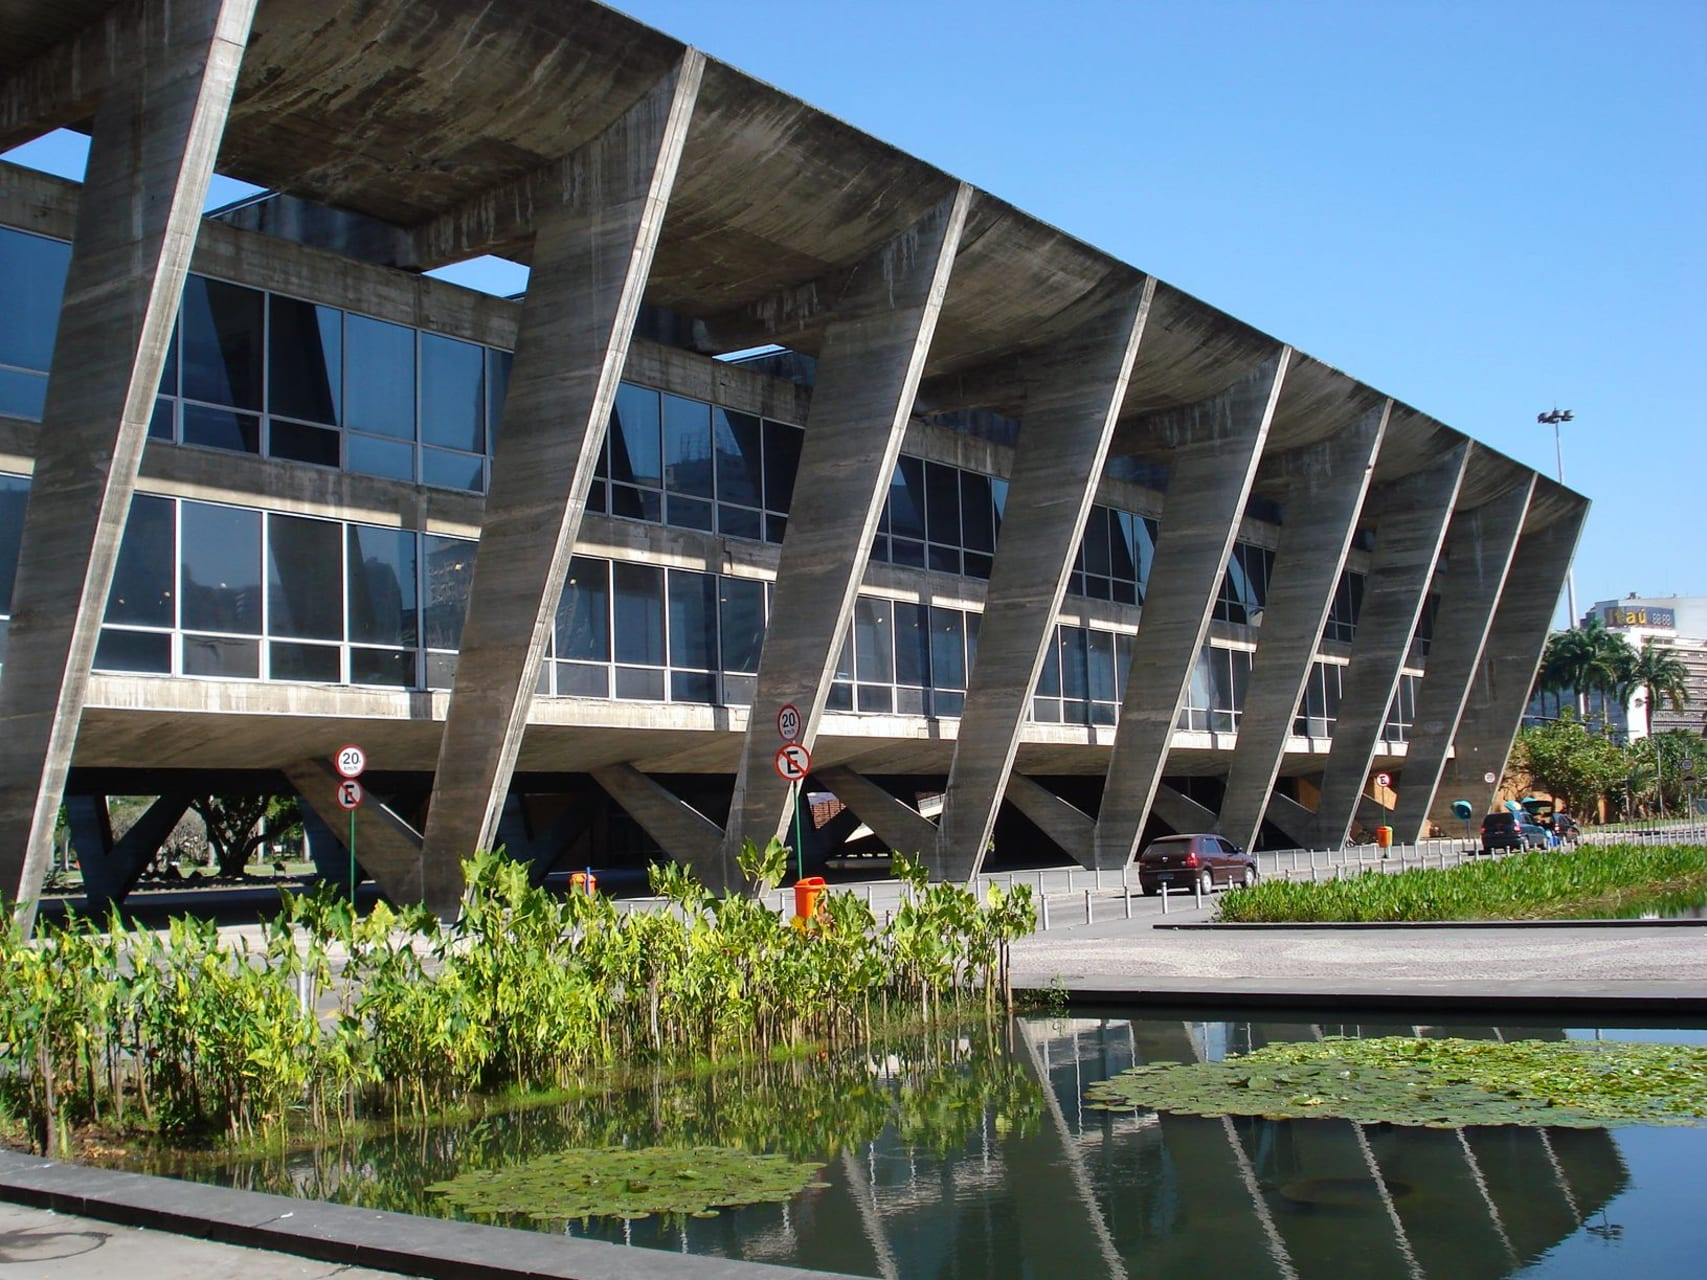 Rio de Janeiro - MAM - Museum of Modern Art of Rio de Janeiro